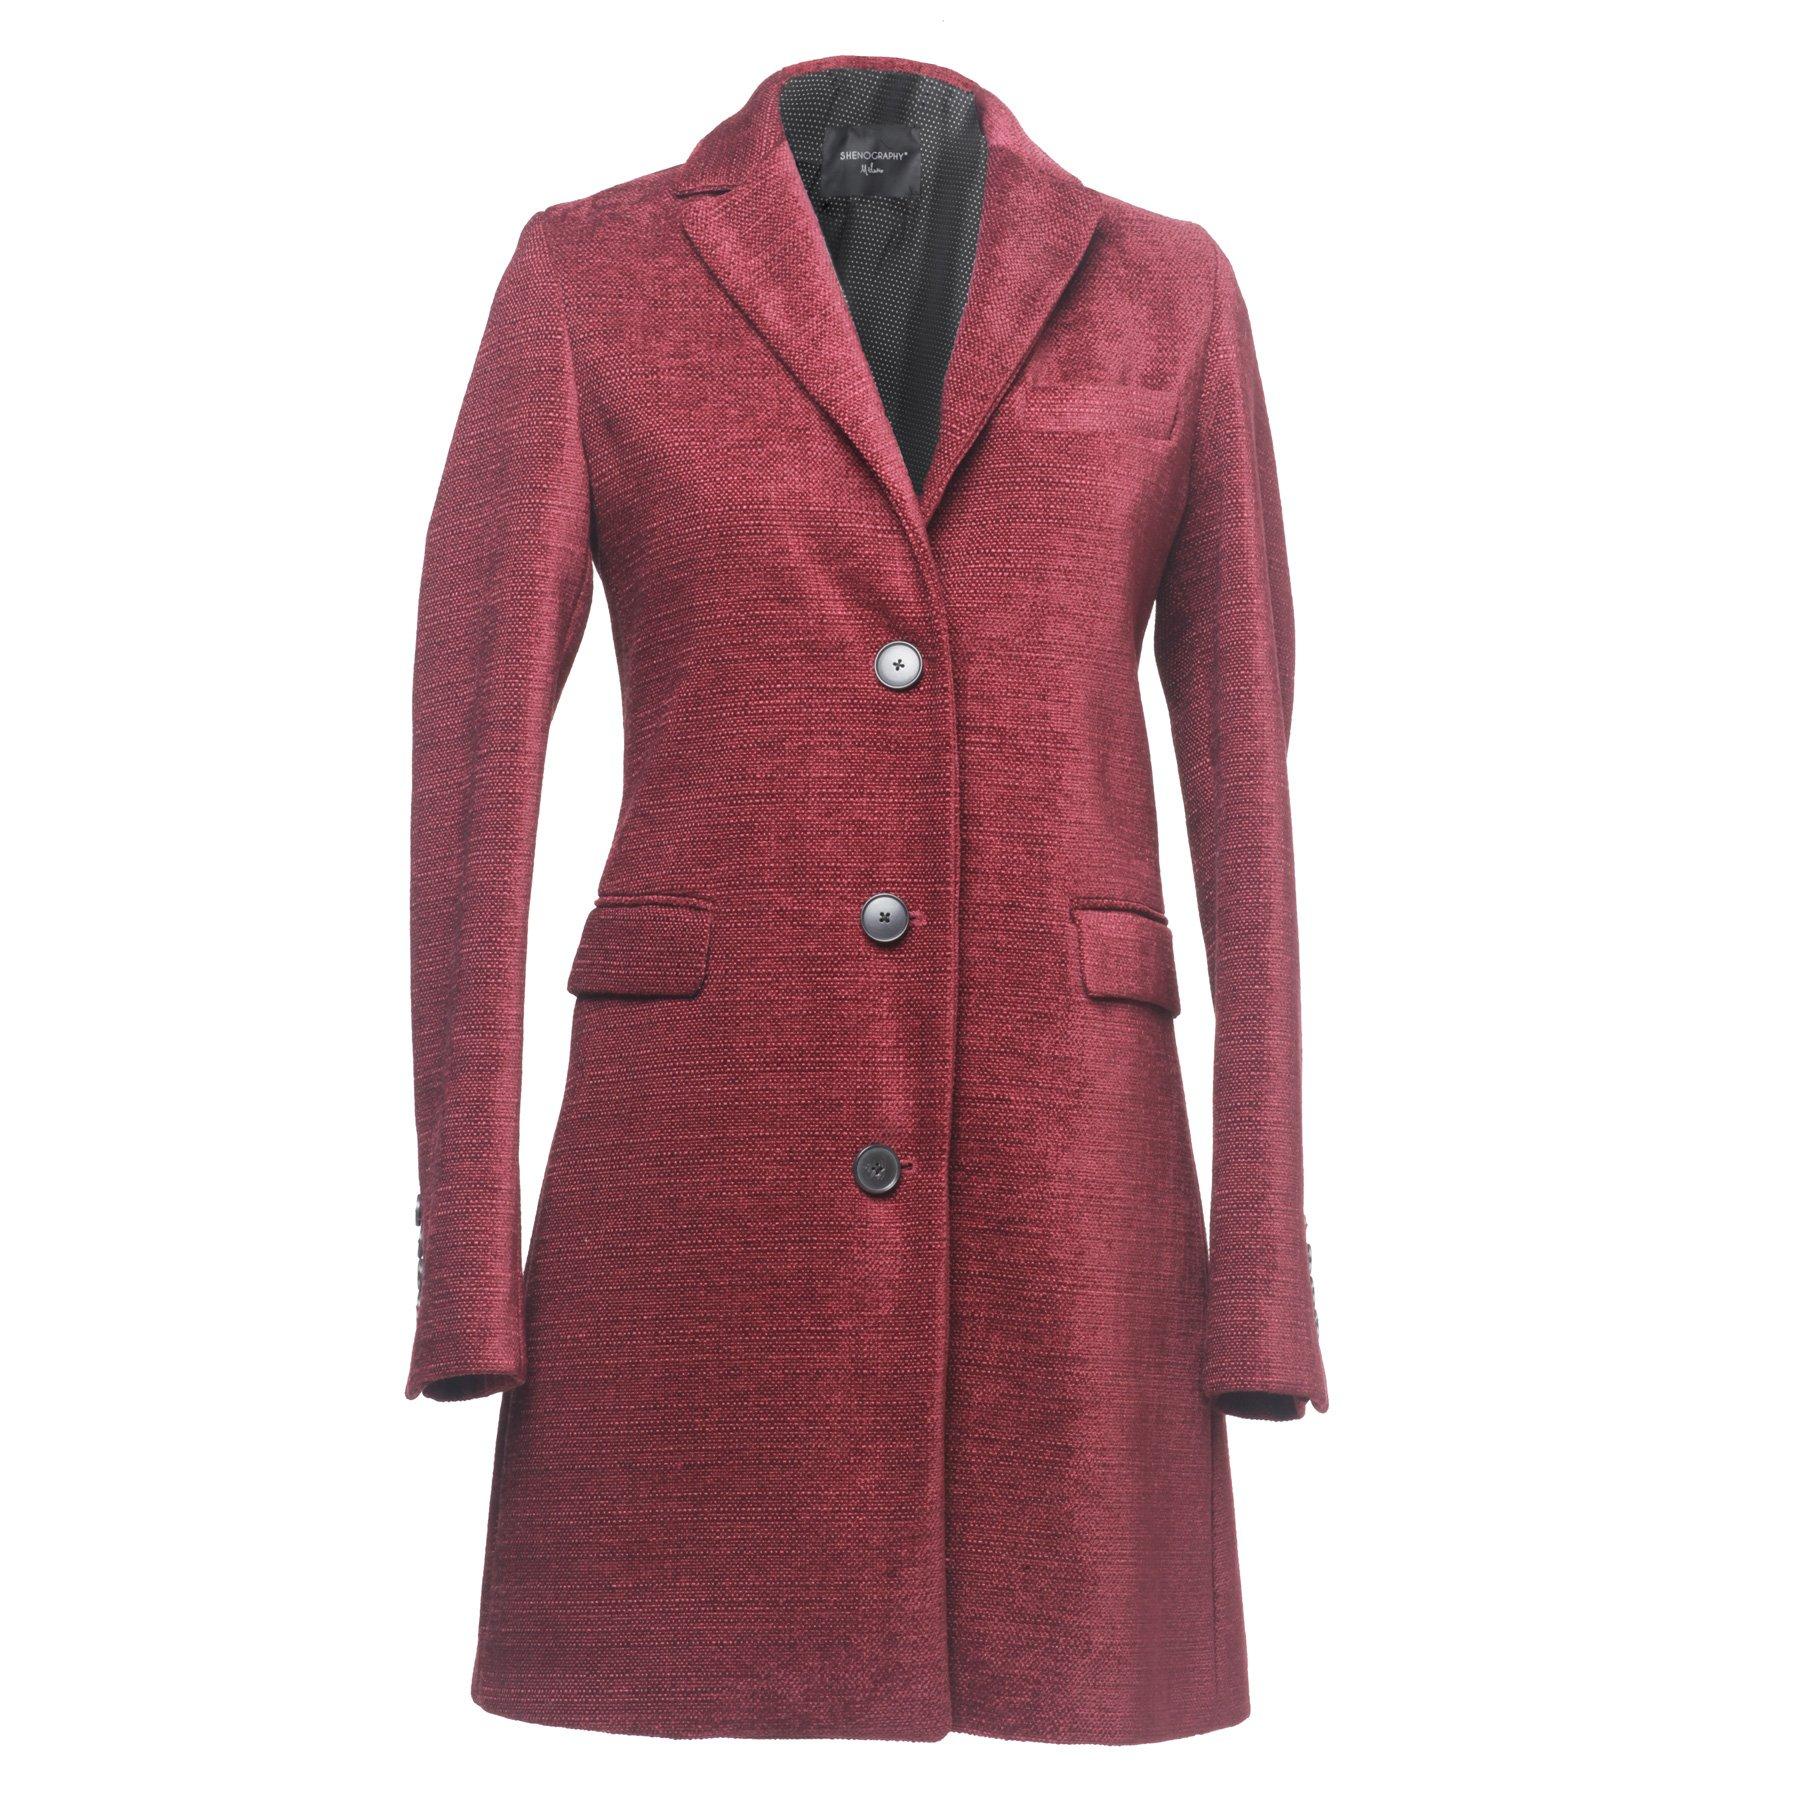 SHENOGRAPHY - cappotto donna bordeaux maniche lunghe con bottoni